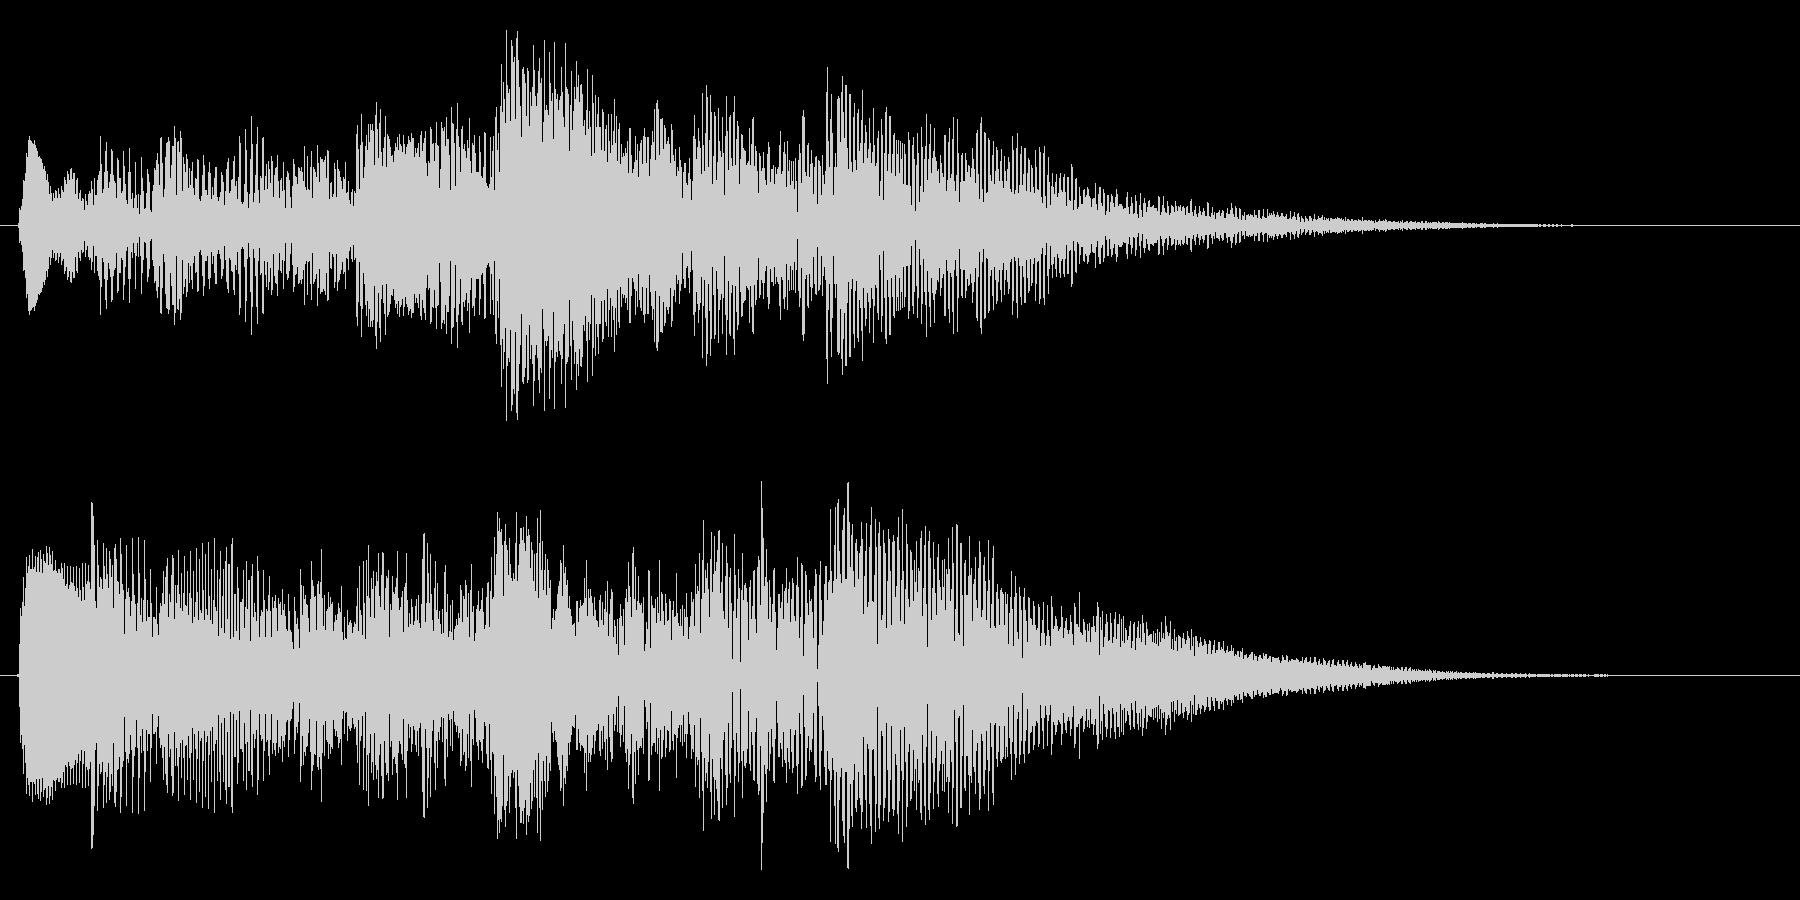 ハープのアルペジオ クリア 場面転換の未再生の波形